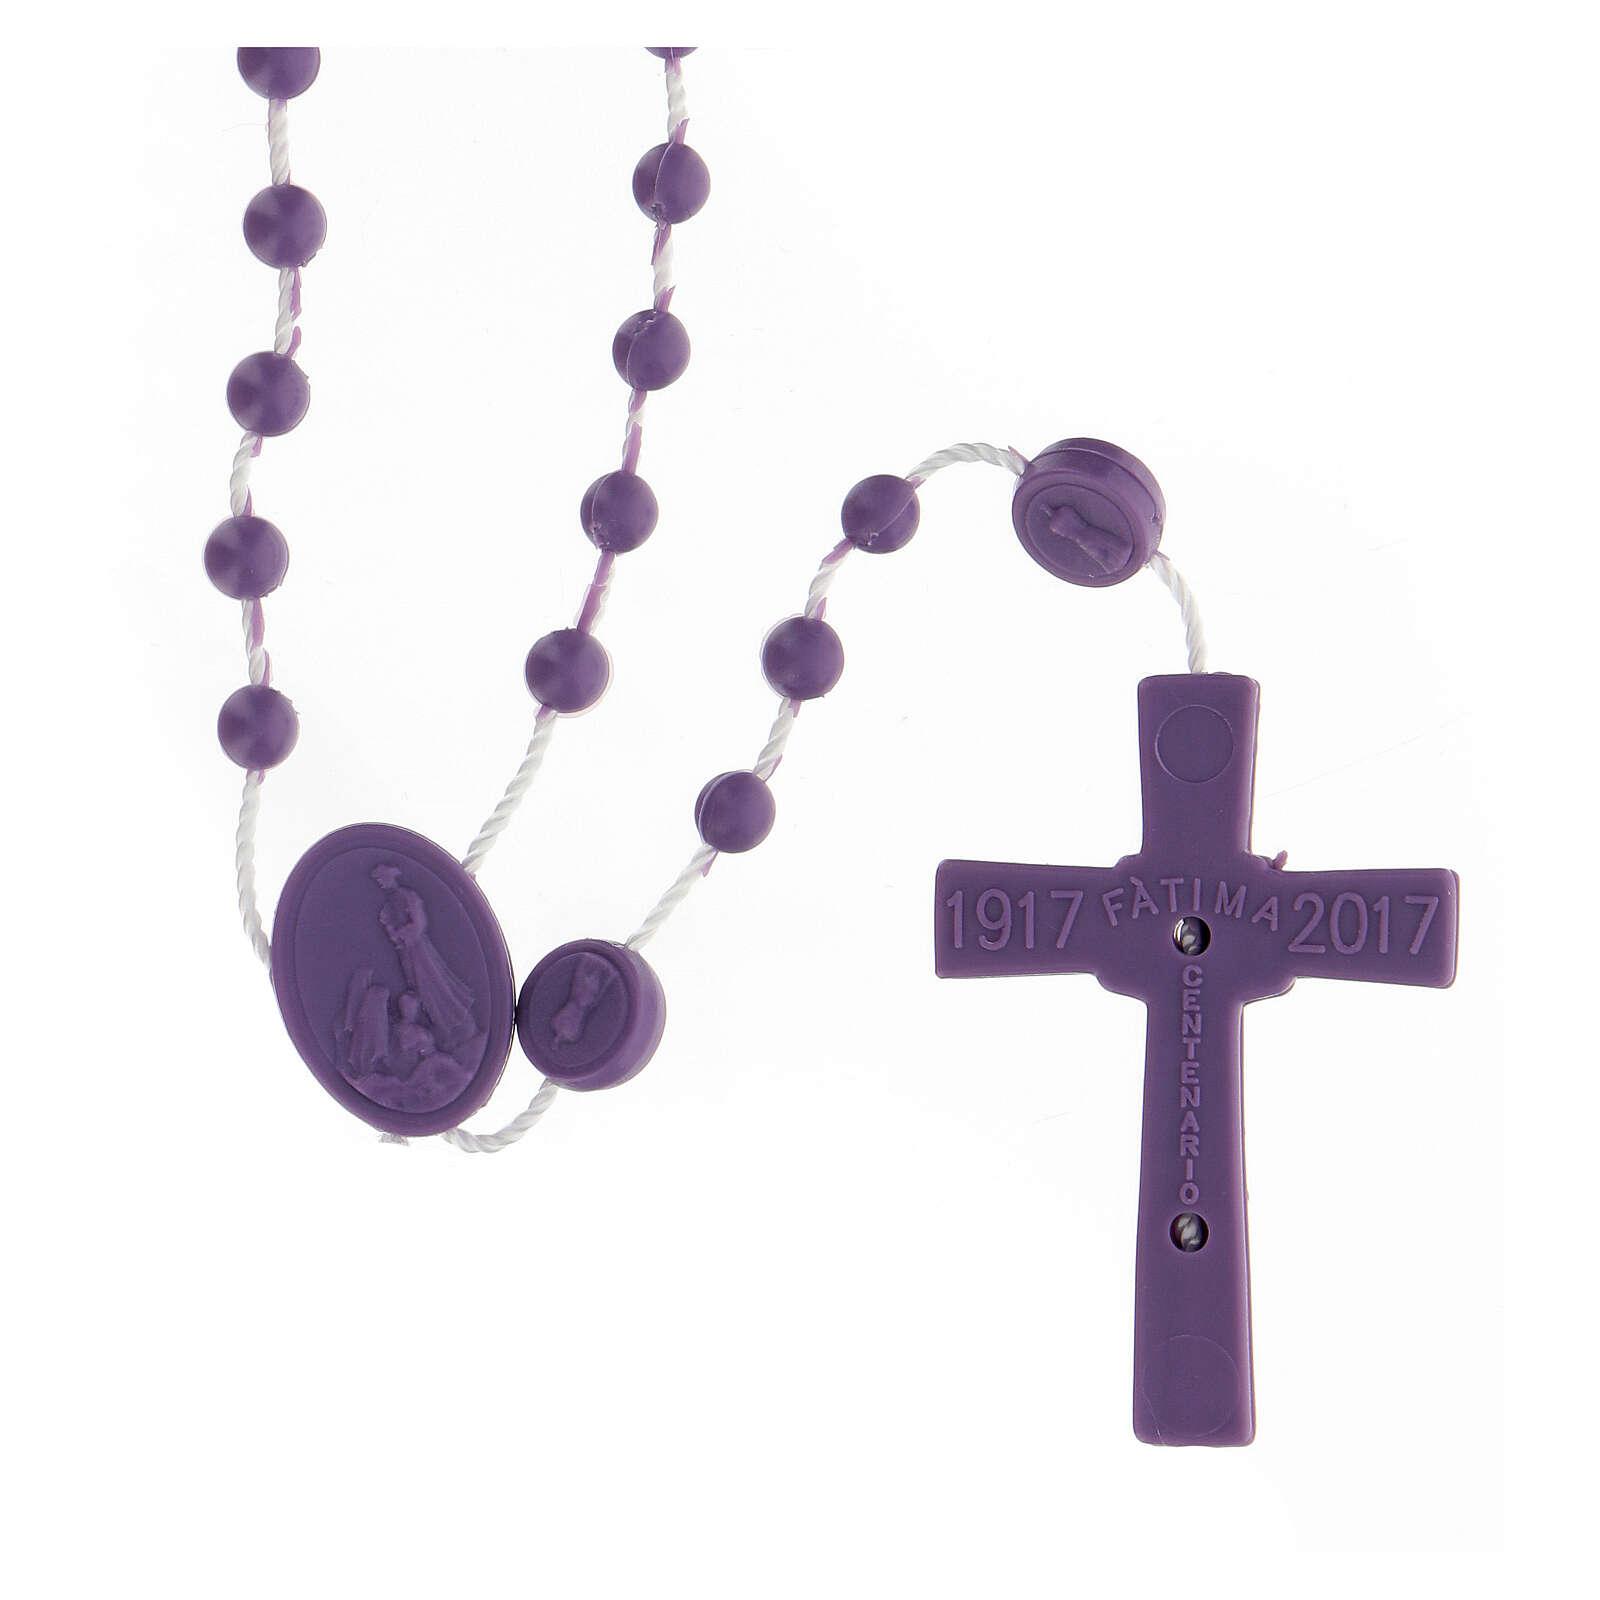 STOCK Chapelet St Benoît nylon violet 4 mm 4